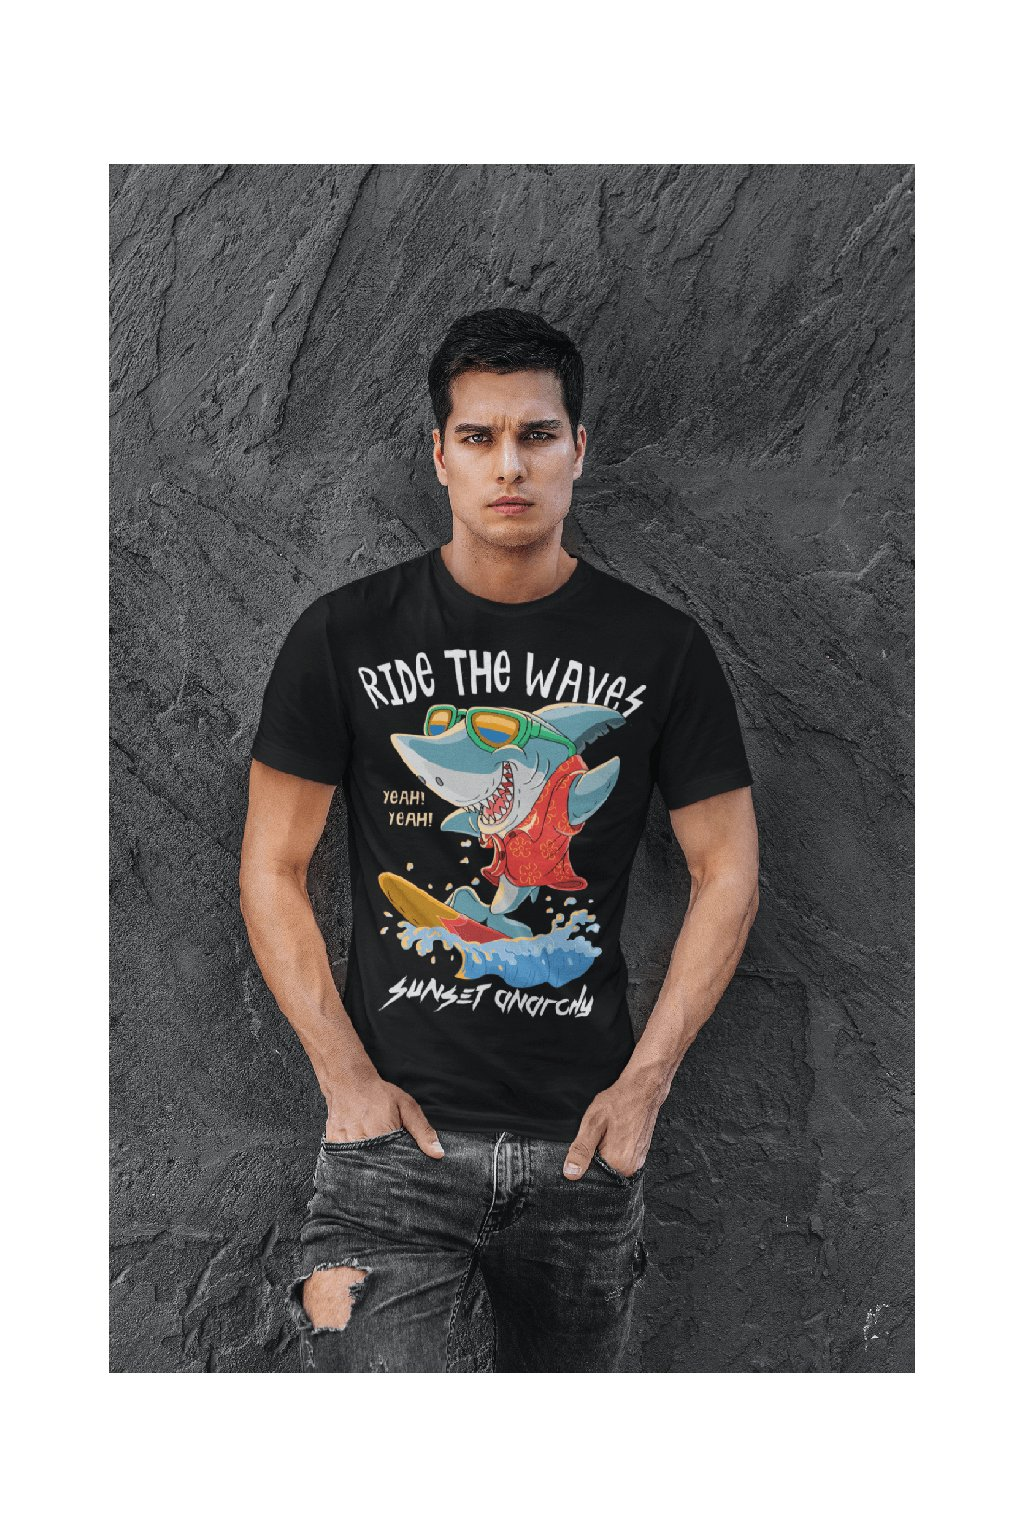 Pánske tričko RIDE THE WAVES